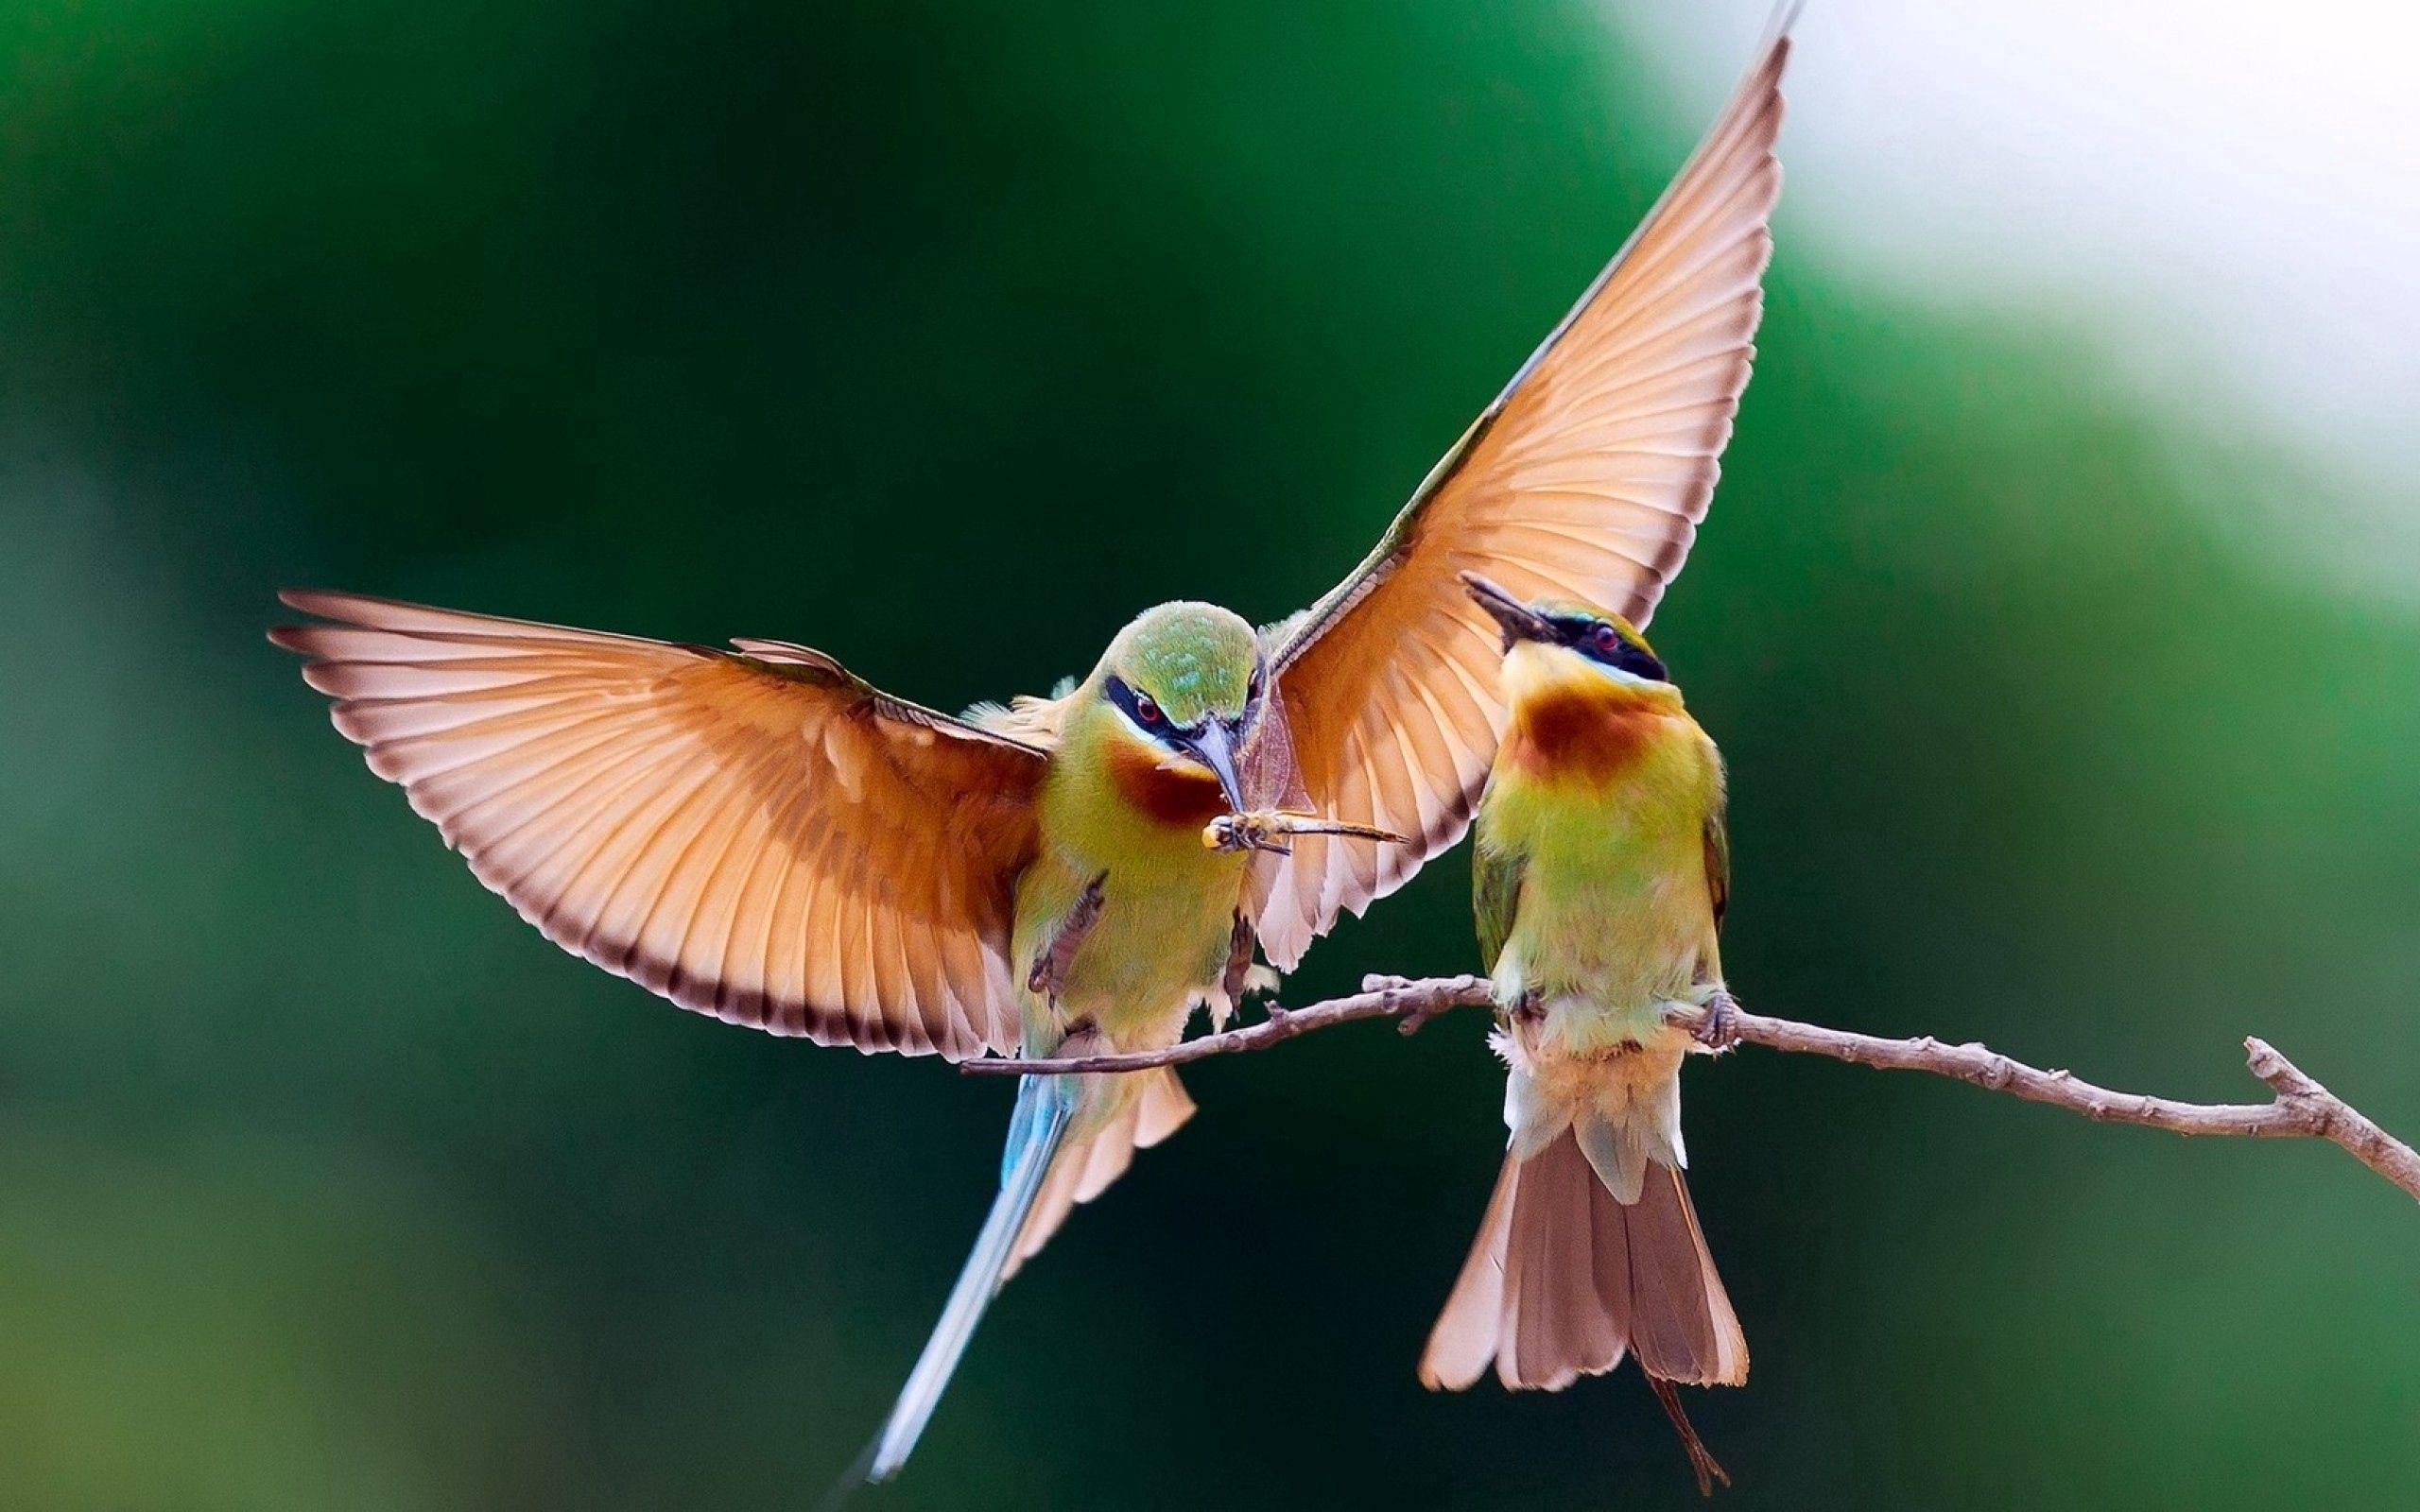 152886 Hintergrundbild herunterladen Tiere, Vögel, Paar, Ast, Zweig, Flügel, Welle, Fegen - Bildschirmschoner und Bilder kostenlos